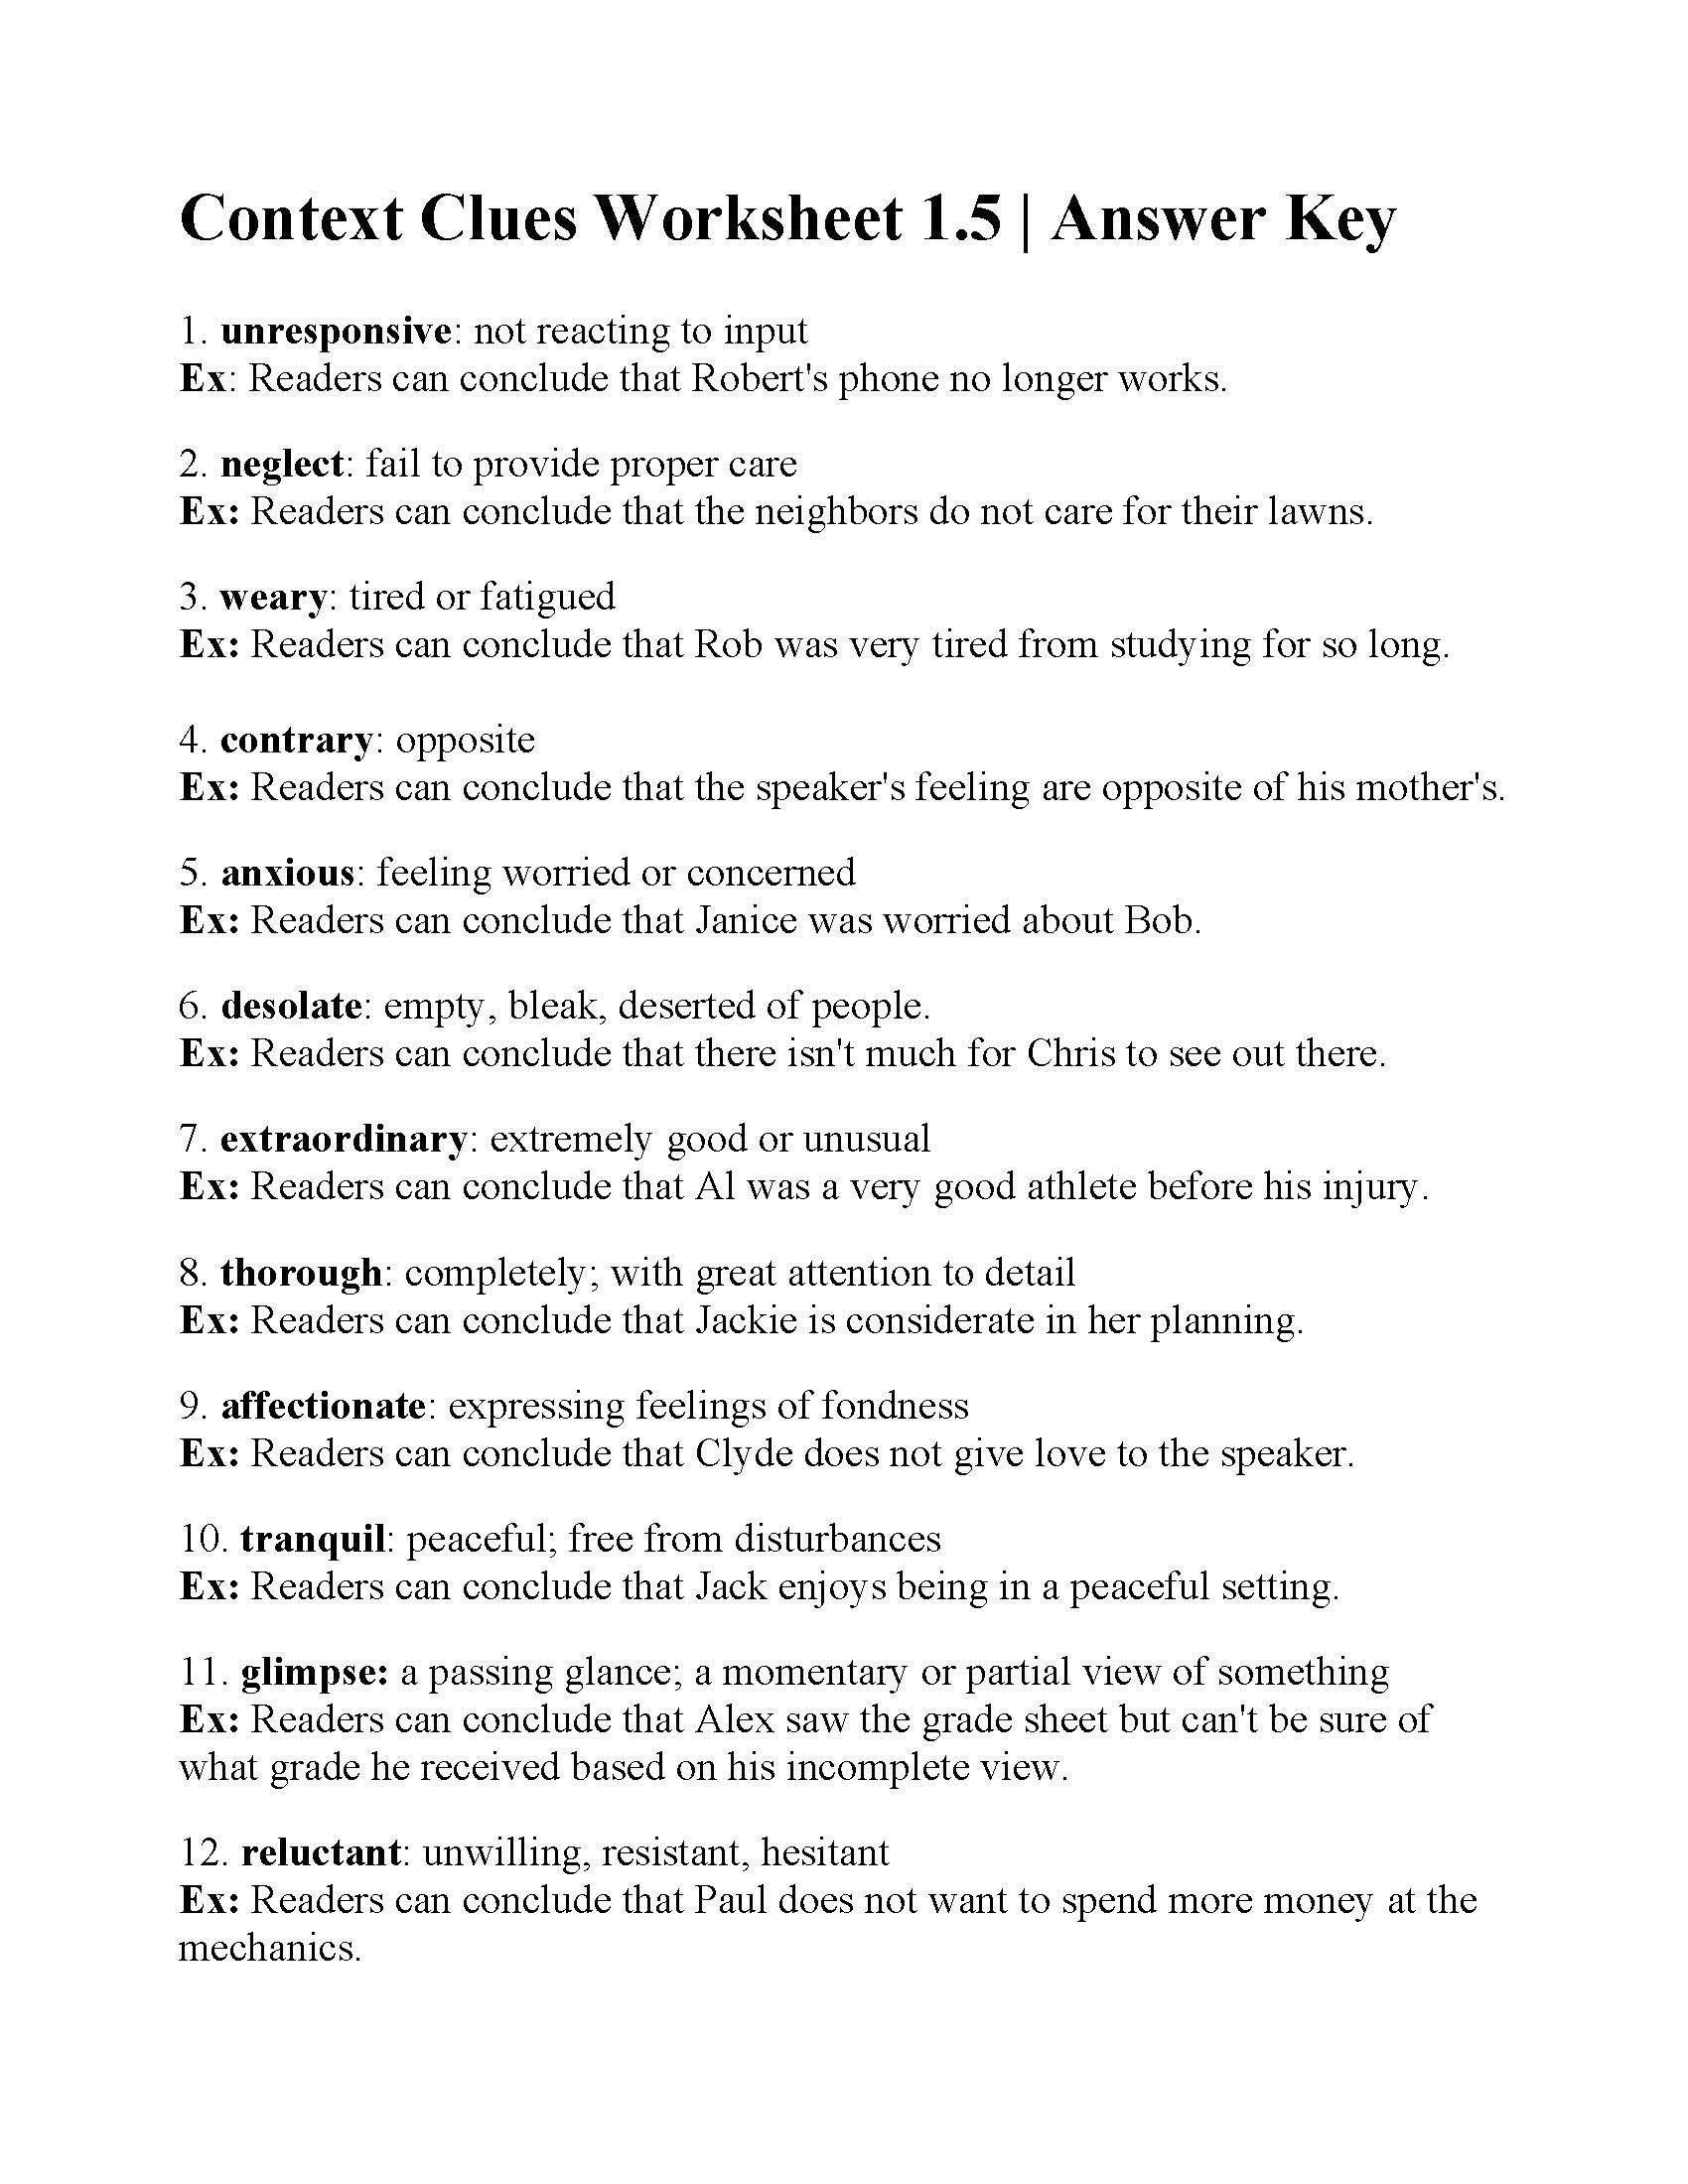 Context Clues Worksheets 3rd Grade Context Clues Worksheet 1 5   온라인 카지노 [ 2200 x 1700 Pixel ]